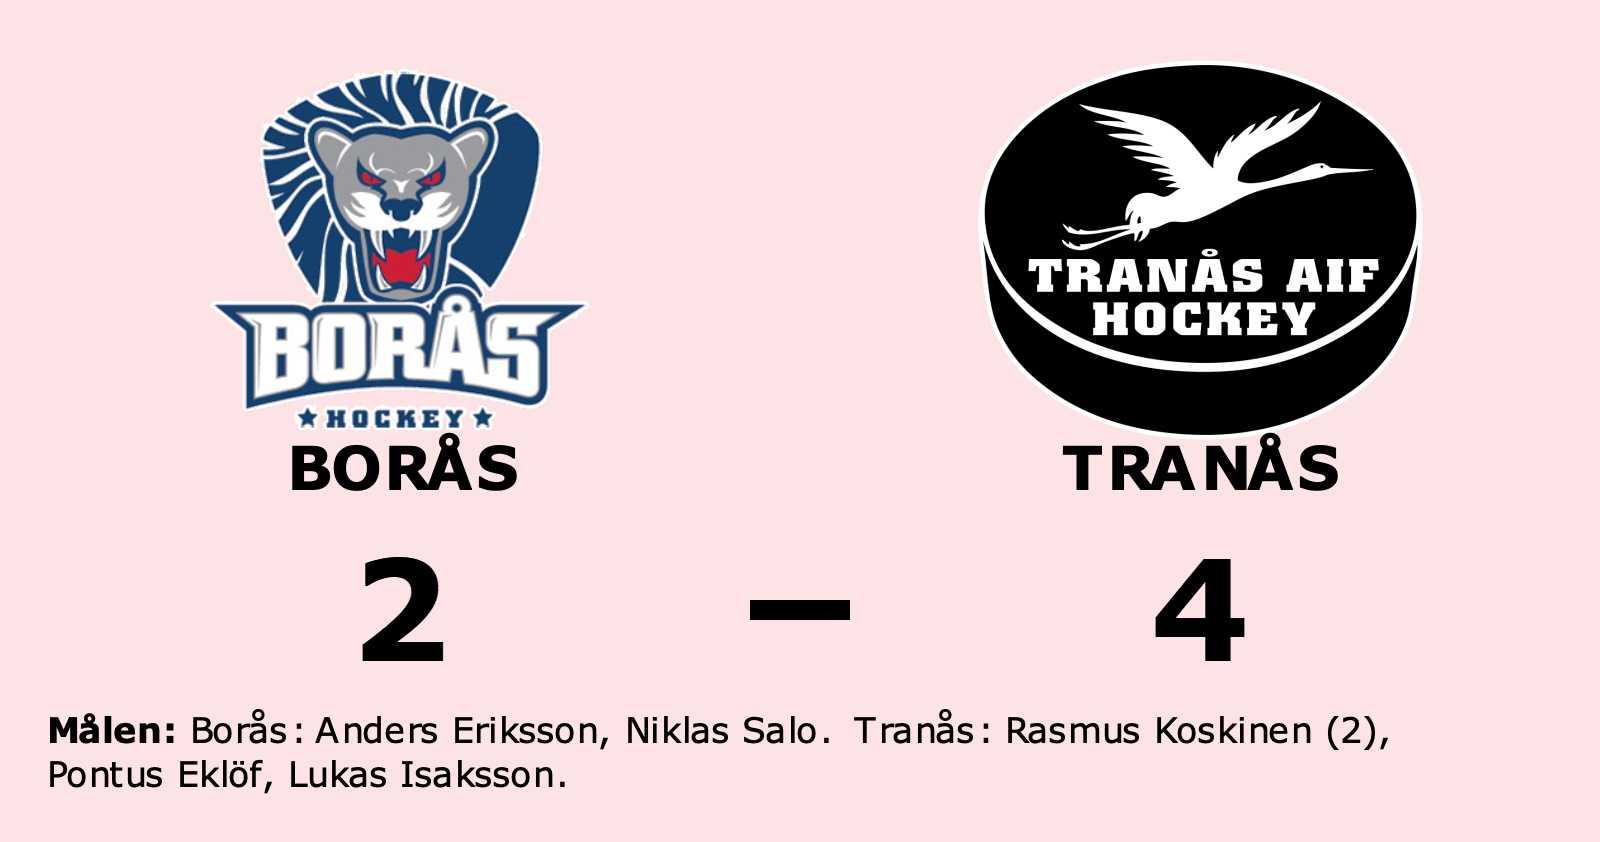 Tranås vann i HockeyEttan Kvalserien södra mot Borås